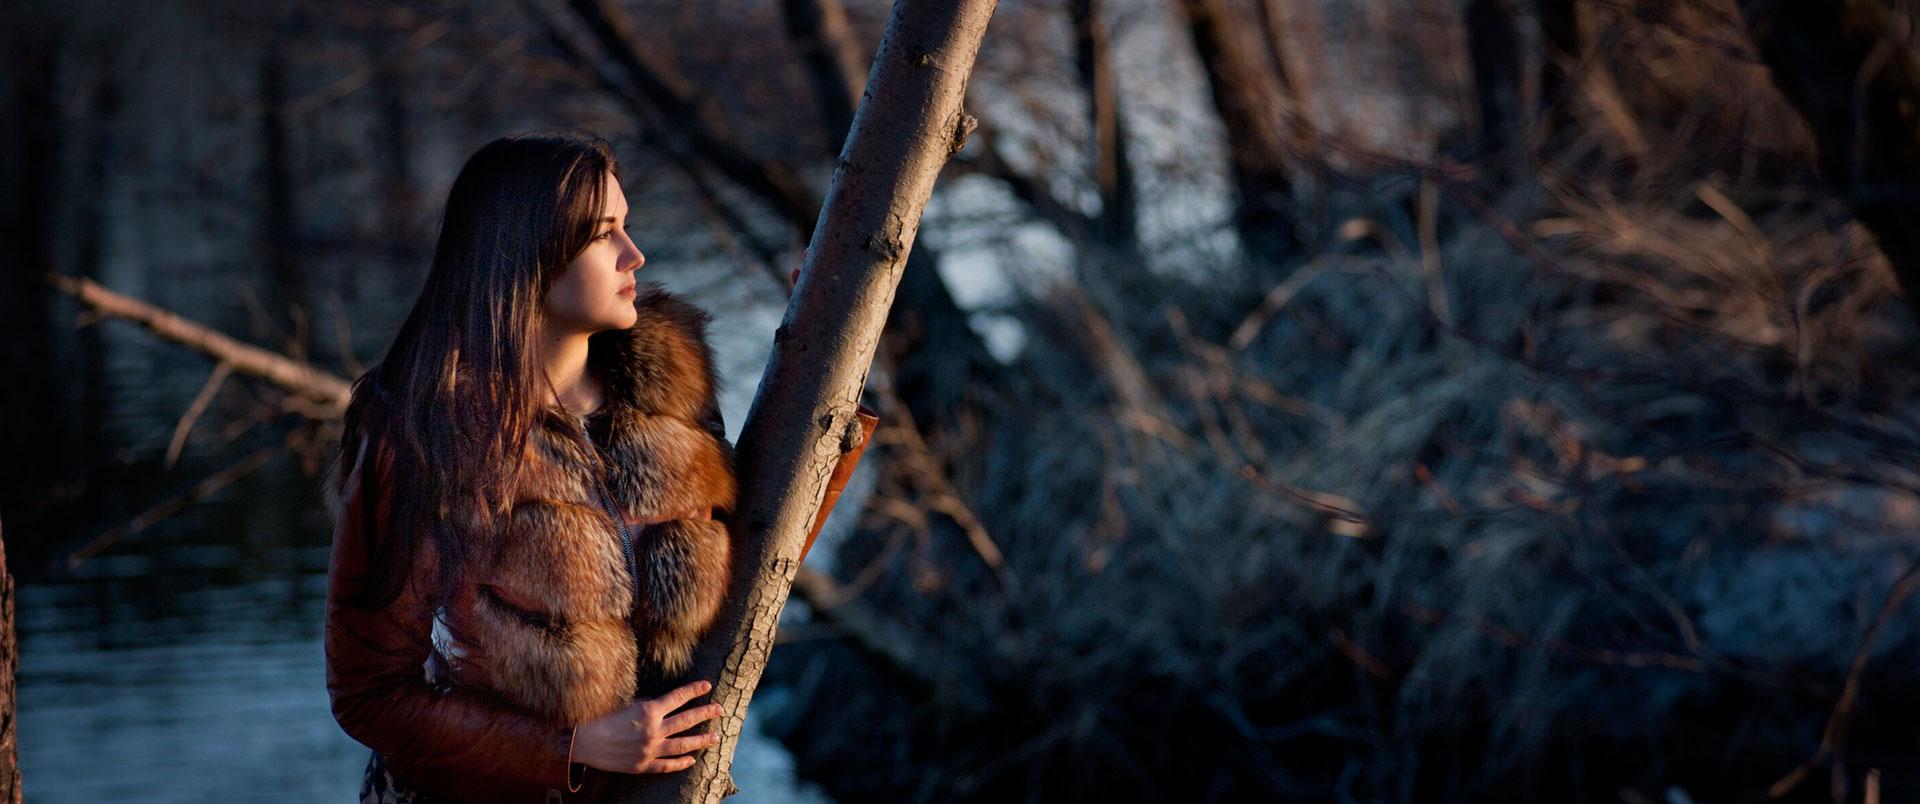 Frau mit Pelz im Sonnenaufgang